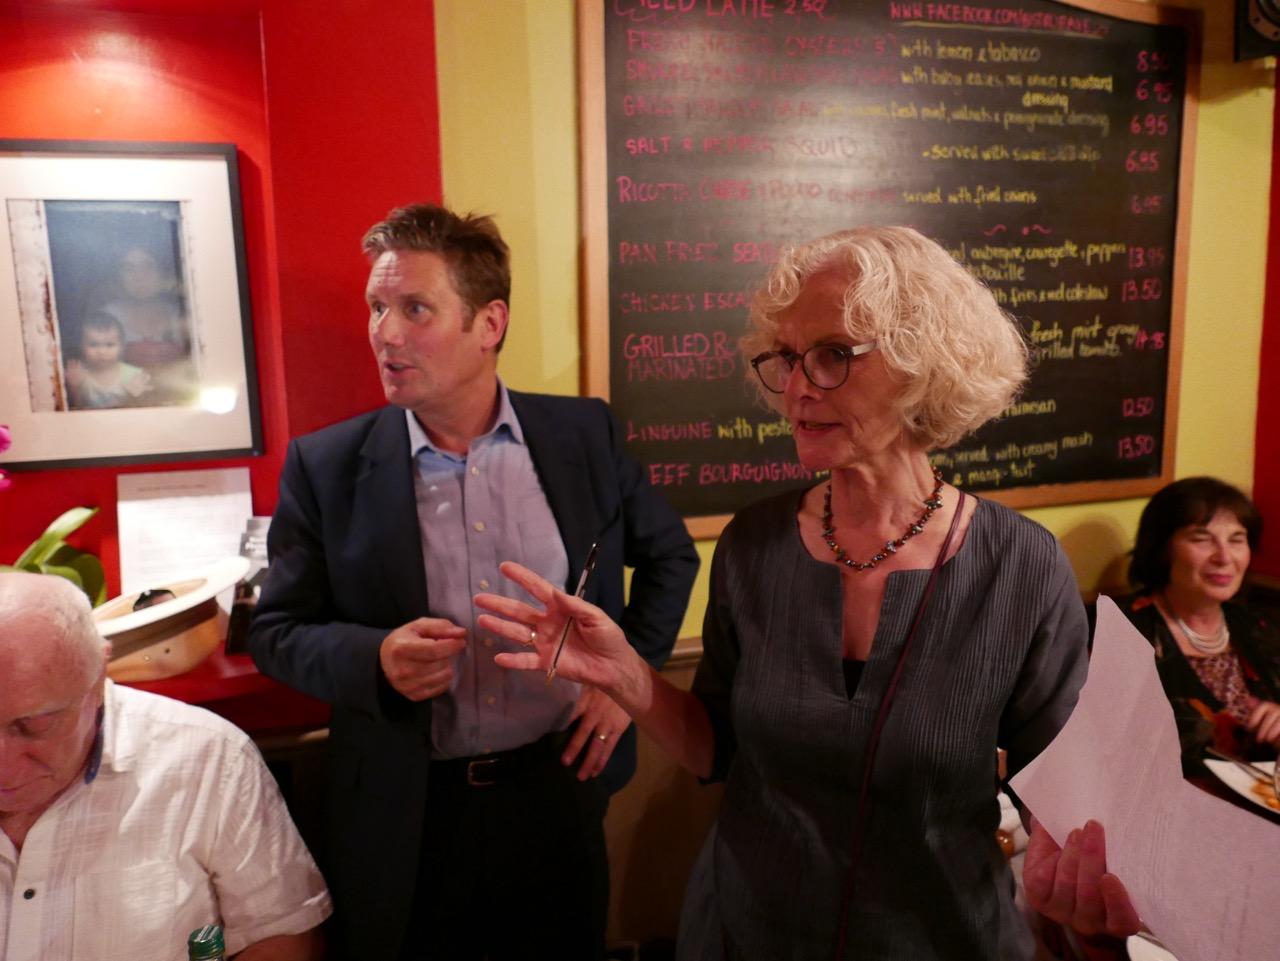 Gospel_Oak_Labour_Party_fundraising_dinner_at_Ravels_(11).jpg